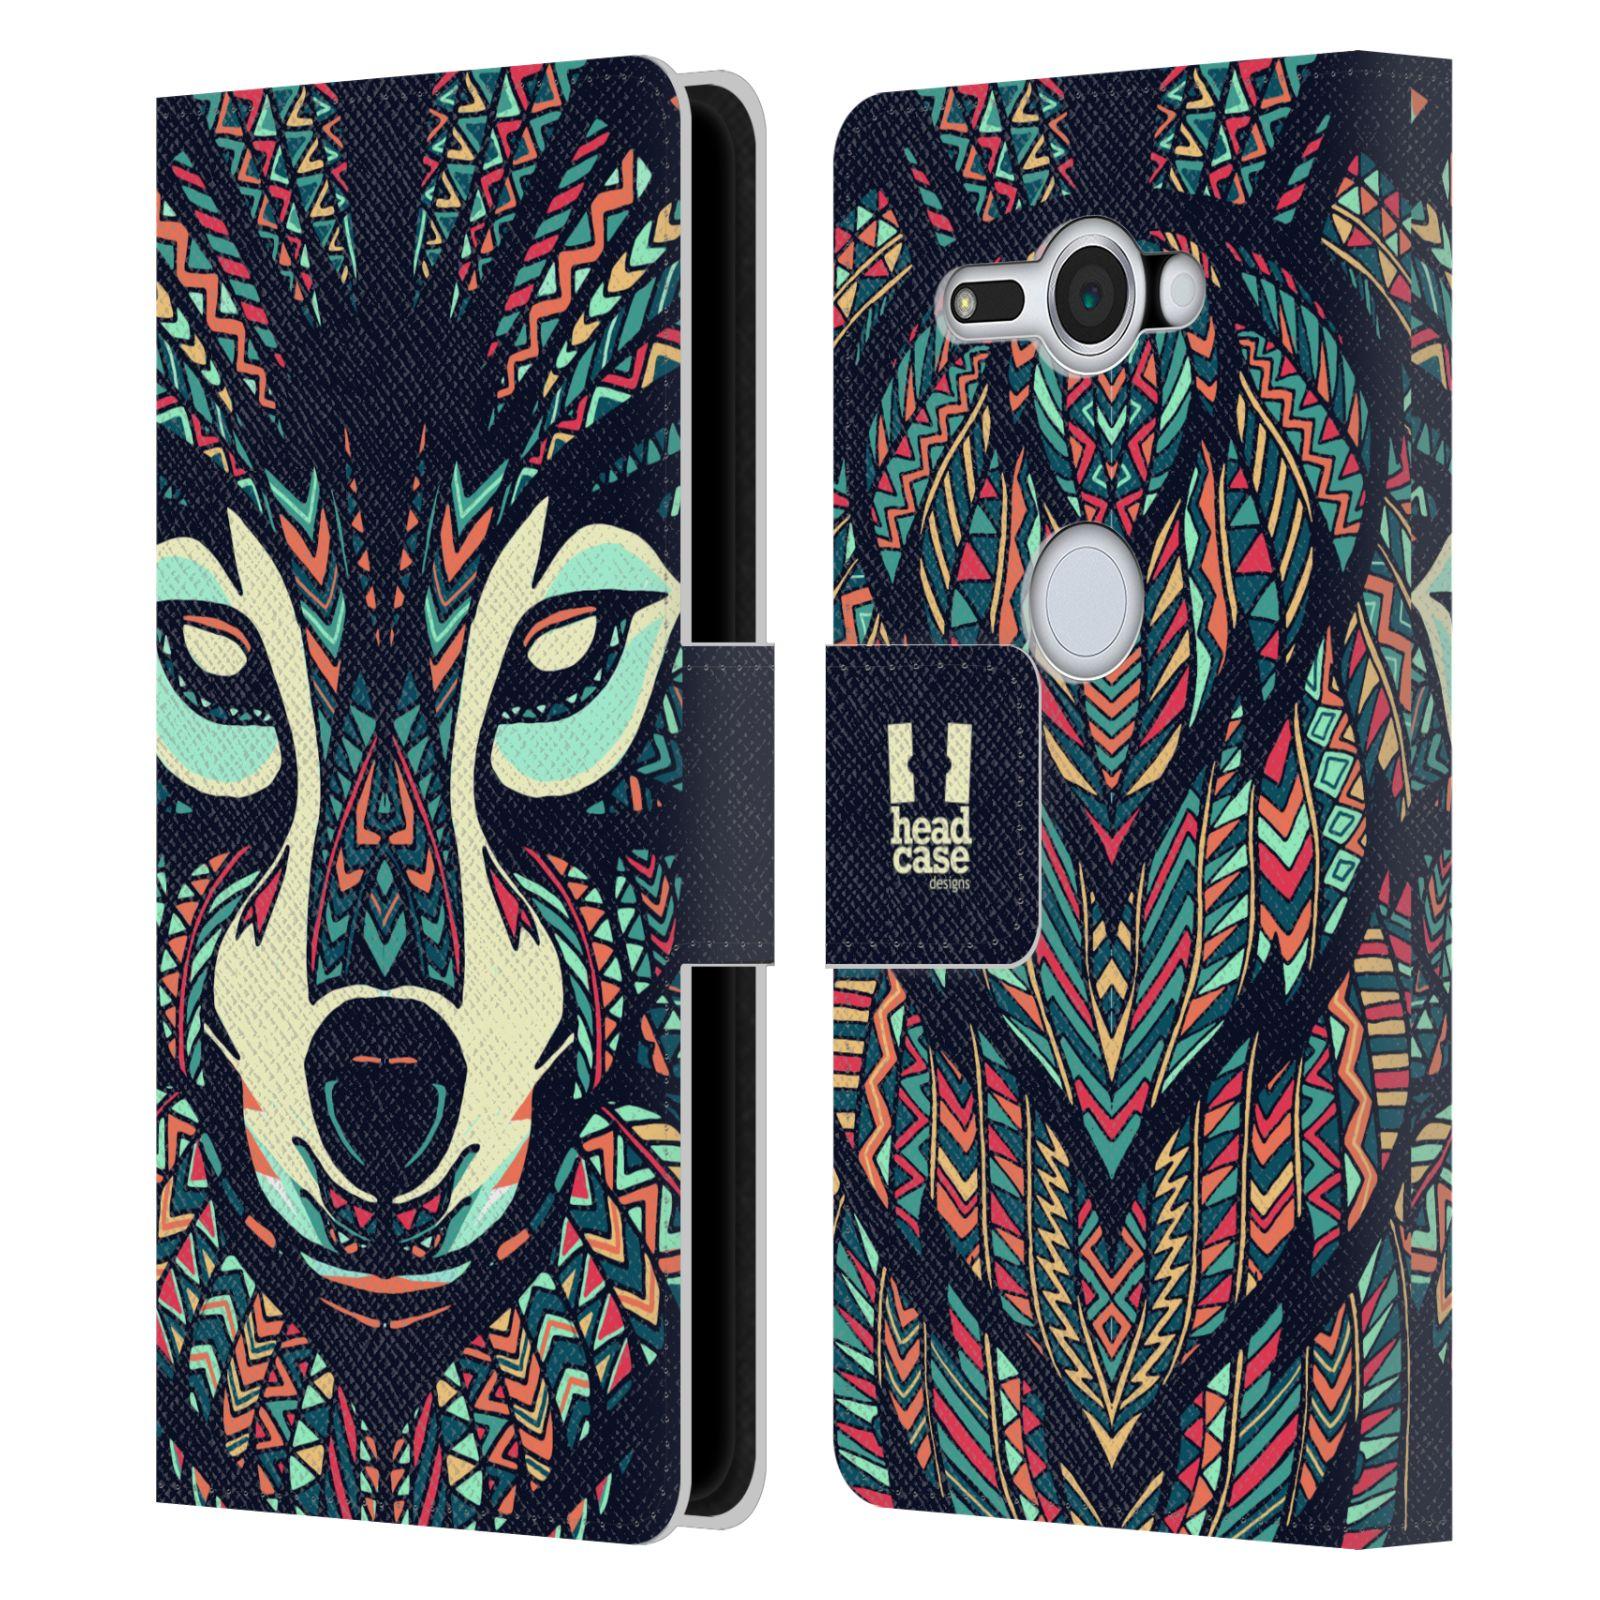 Pouzdro na mobil Sony Xperia XZ2 Compact - Head Case - Aztécký vlk